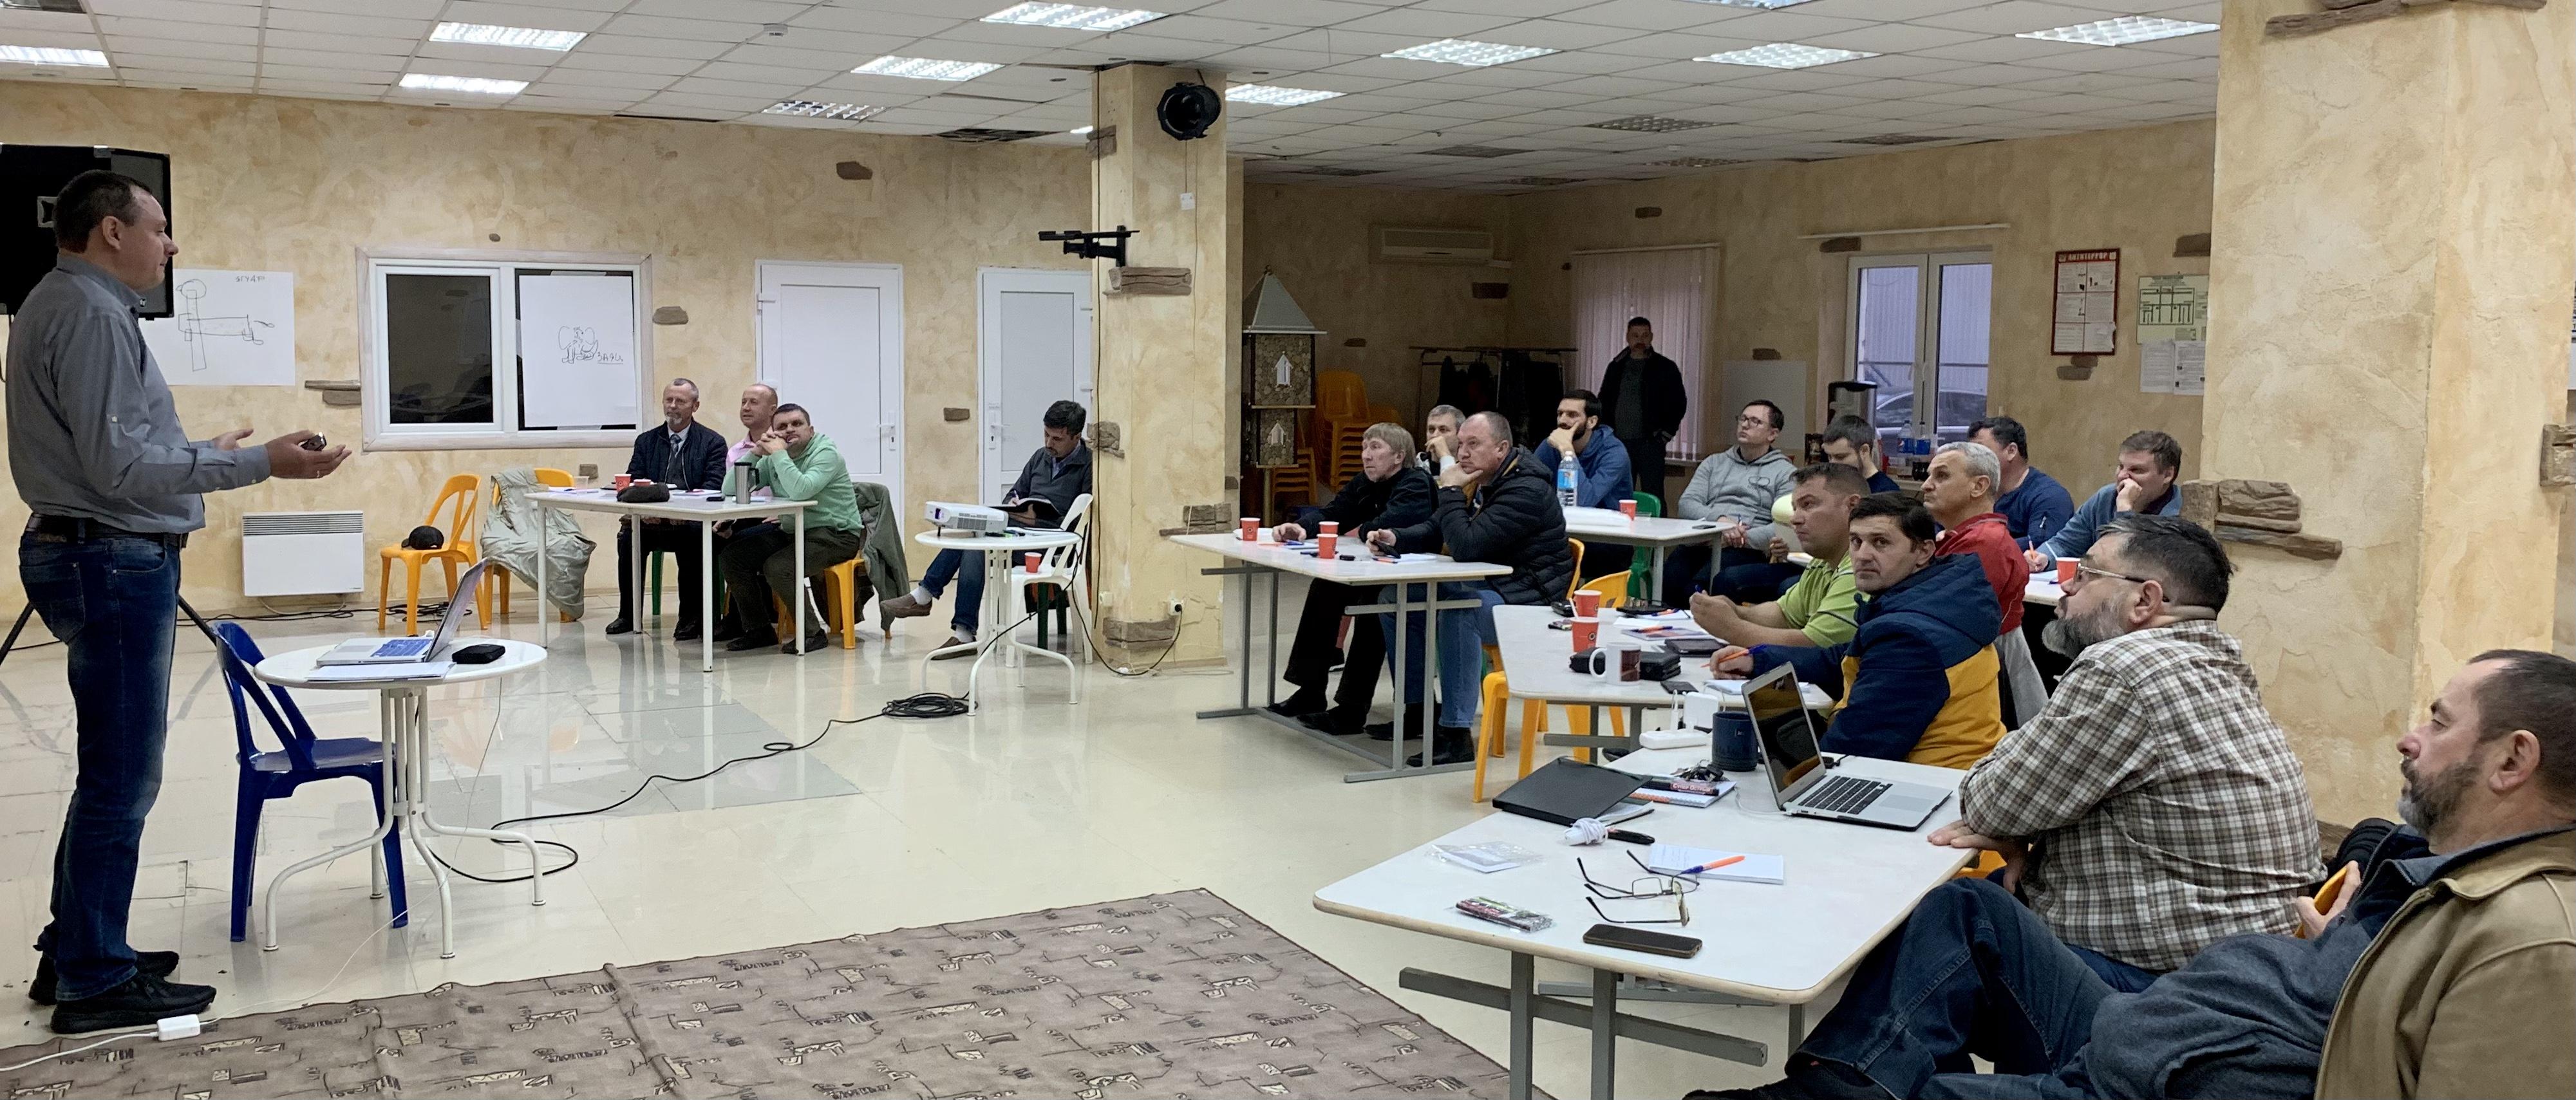 О духовном восстановлении говорили на тренинге для основателей новых общин